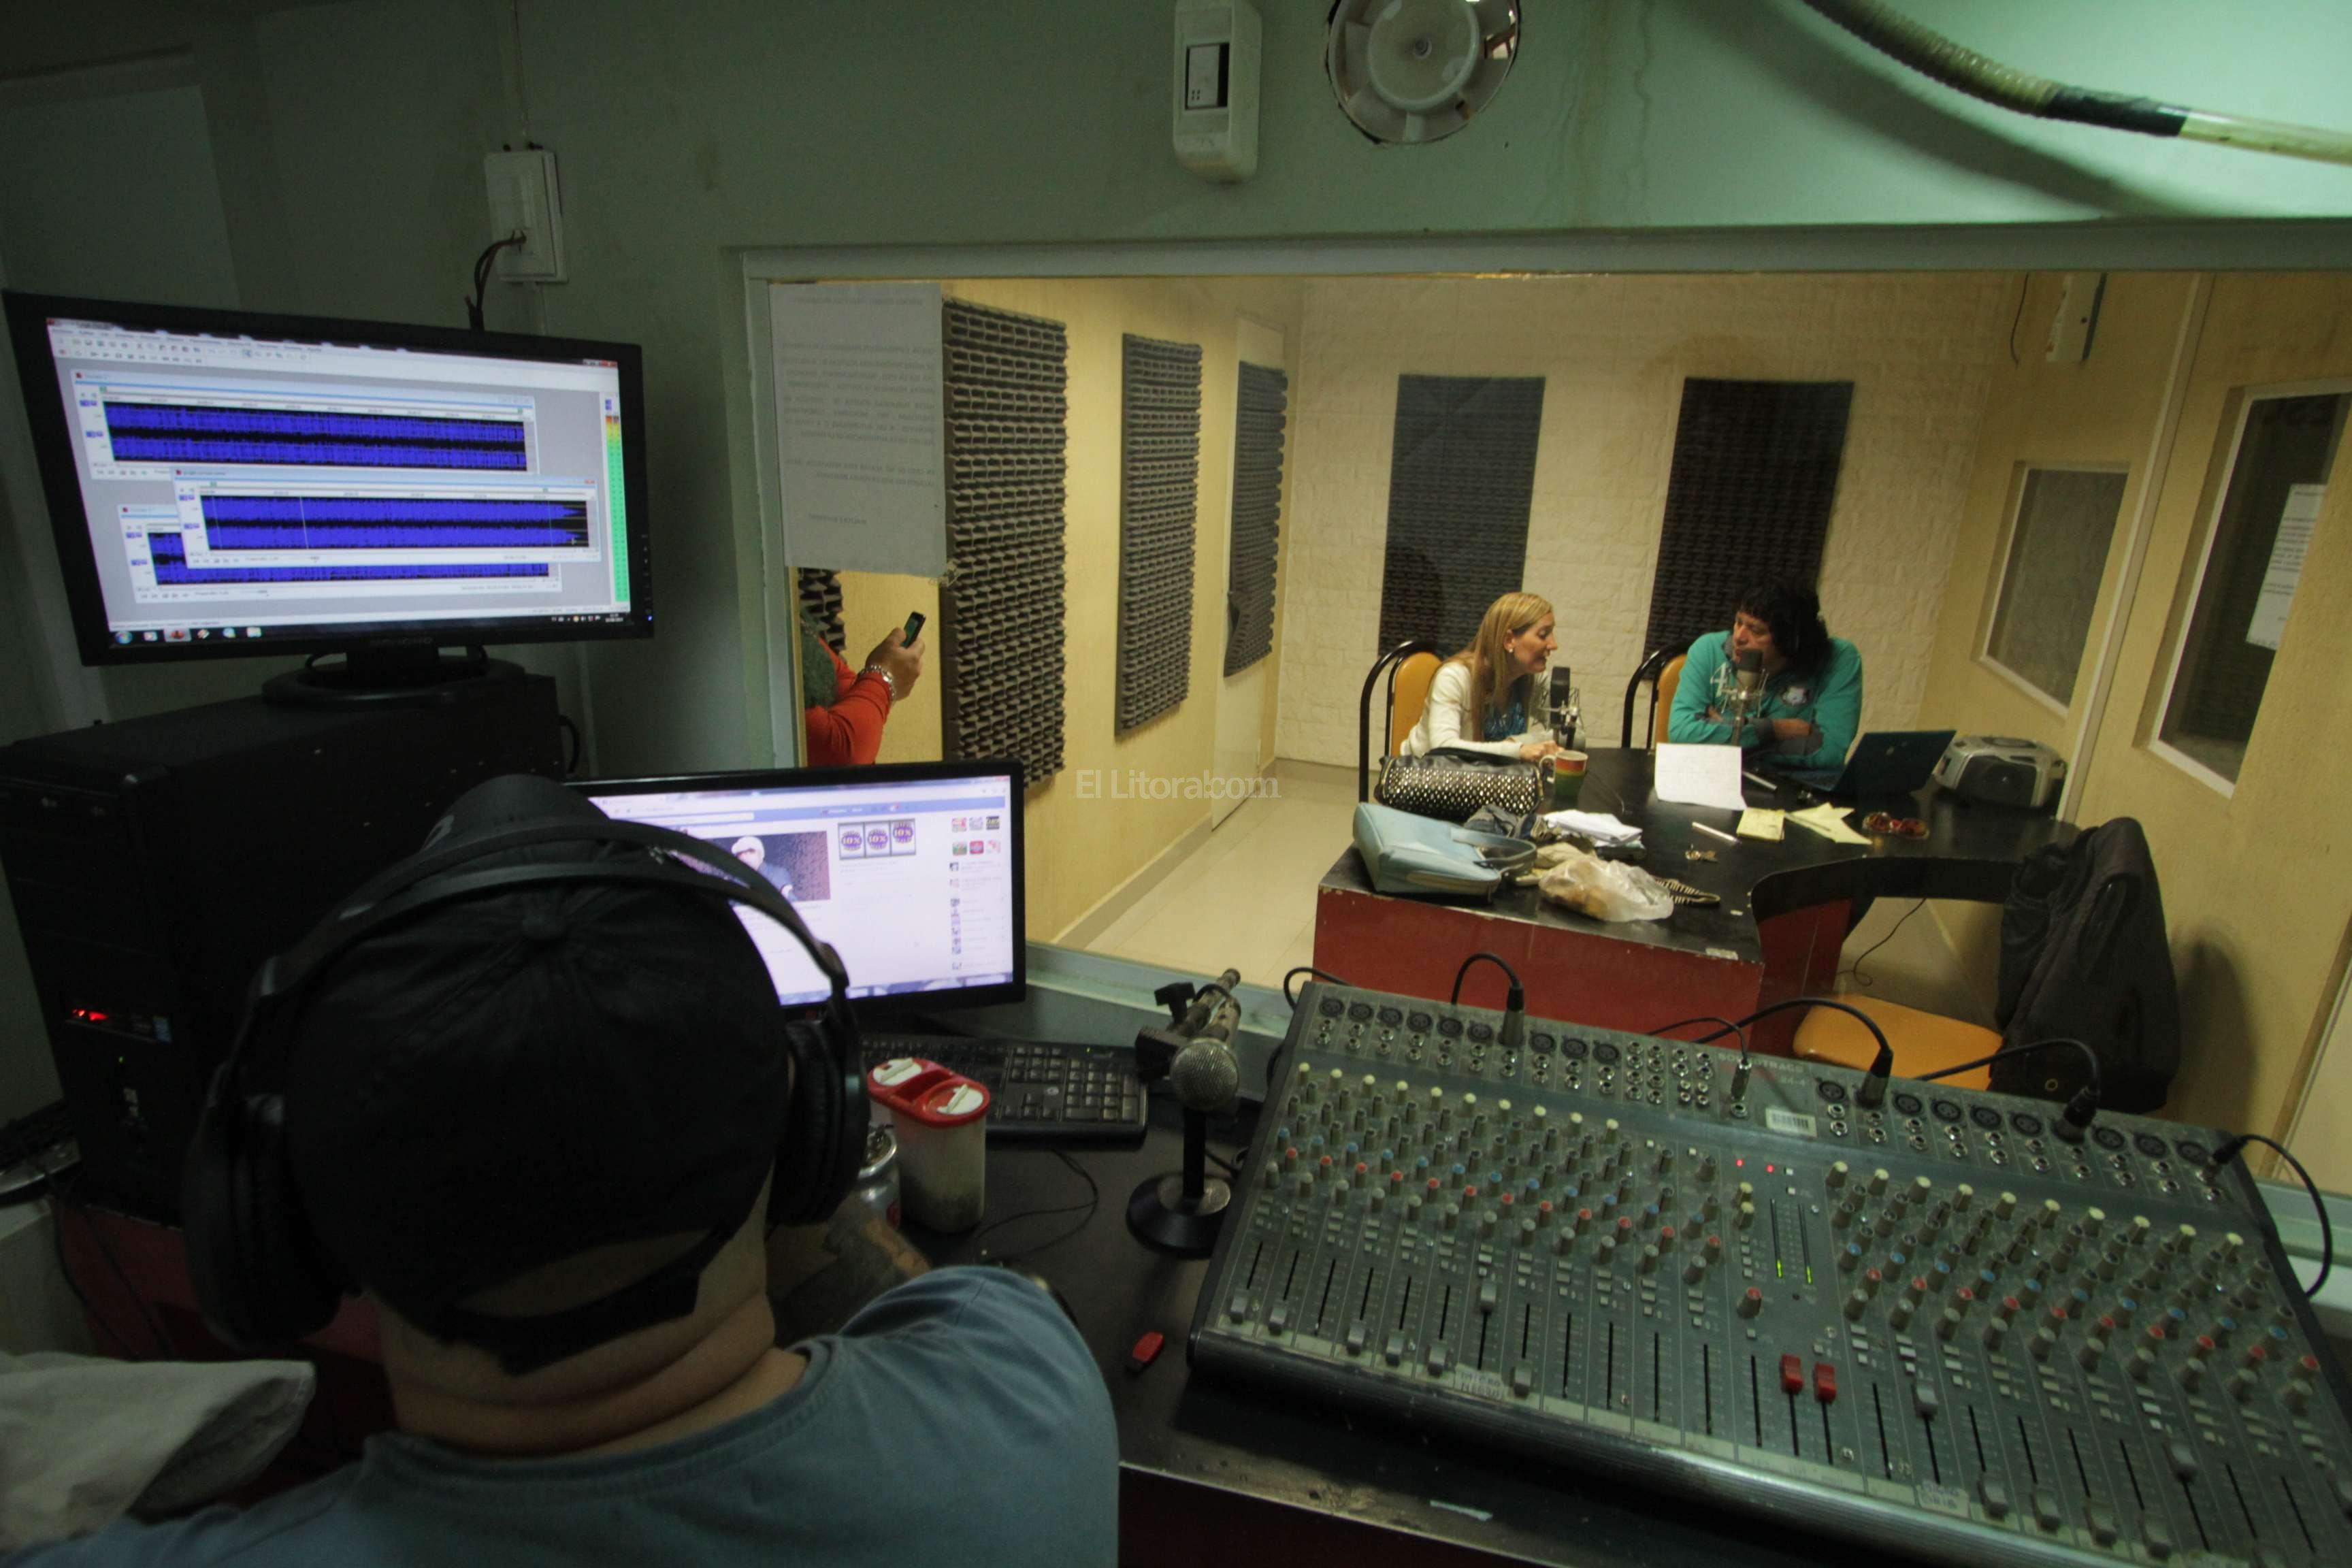 Programa radial variado. Carlitos entrevistó a Marcela Aeberhard, una de las candidatas que en el marco de las elecciones generales visitó su programa de radio.  Crédito: Mauricio Garín